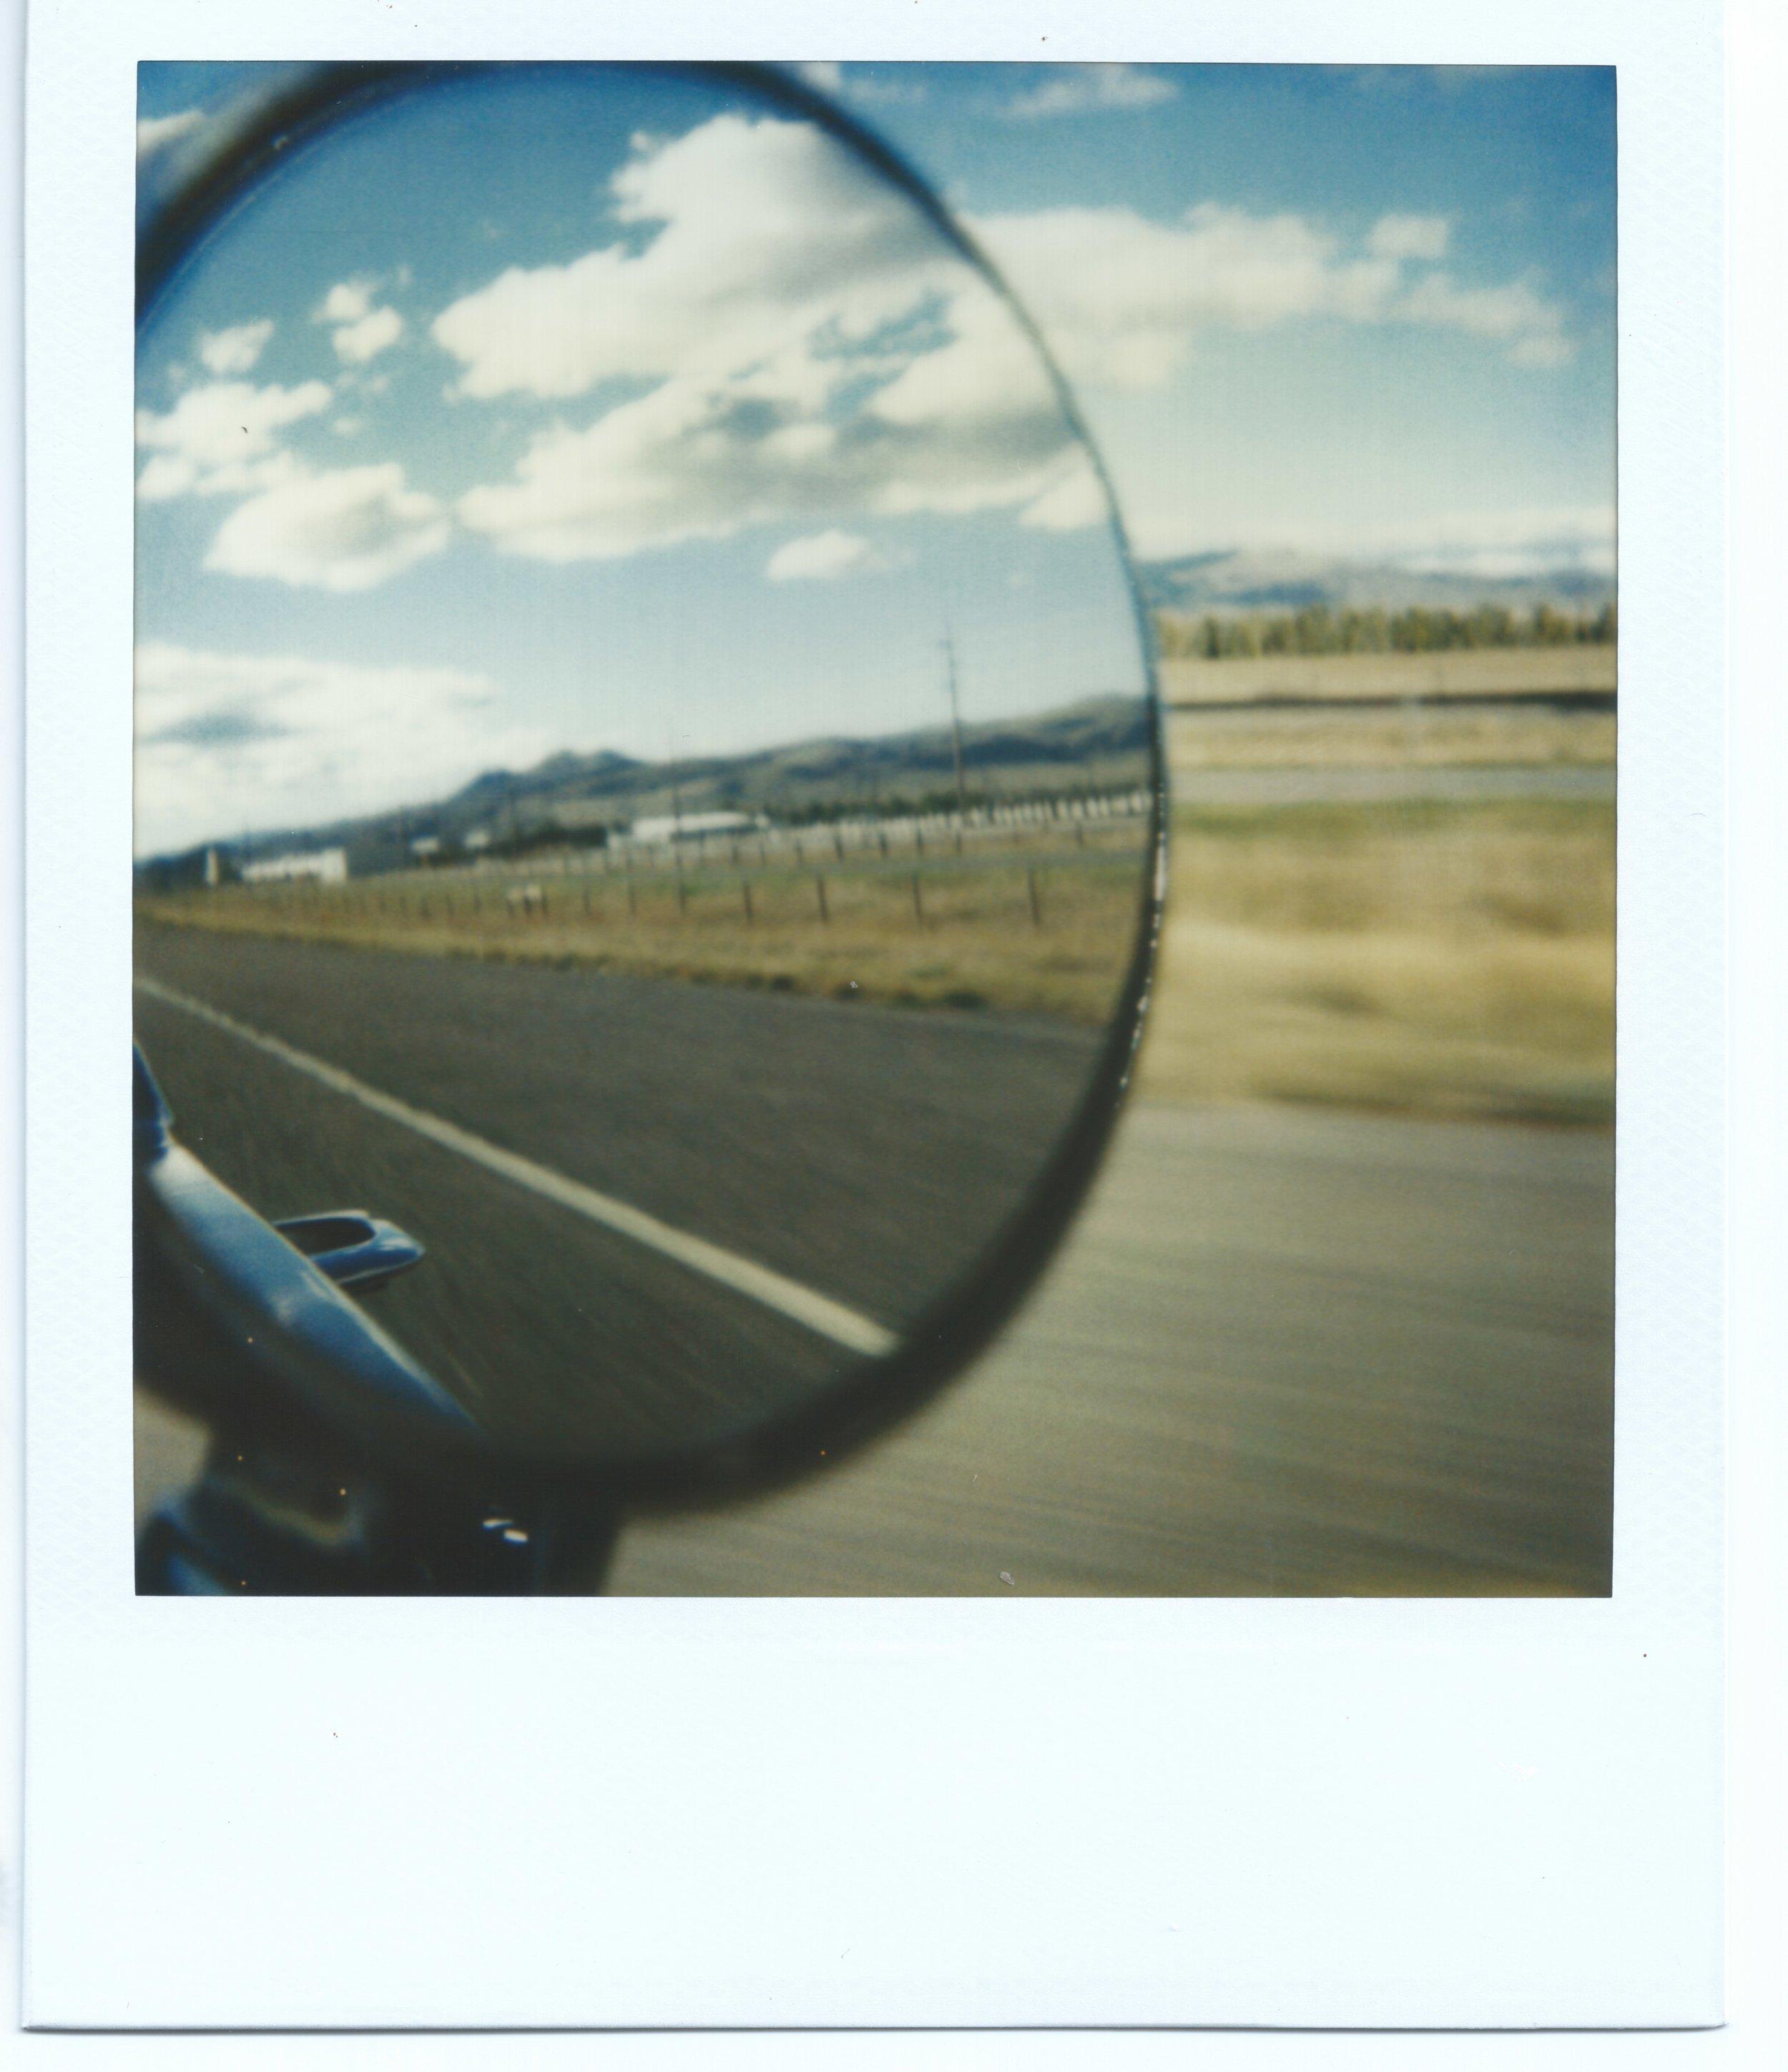 SideviewMirror_1.jpeg